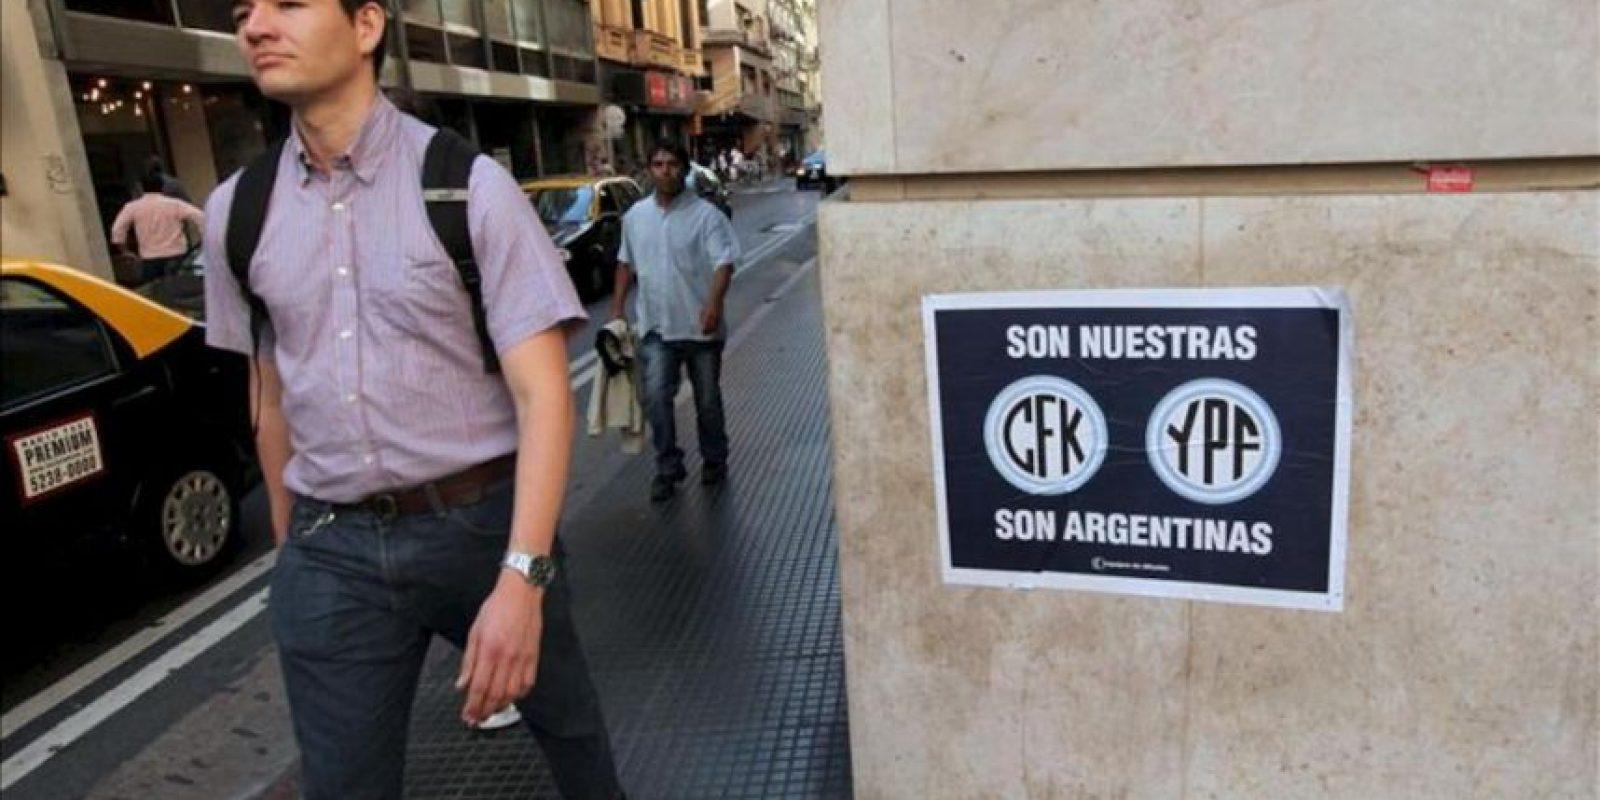 Un hombre camina junto a un afiche que hace referencia a la nacionalización de la petrolera YPF, este miércoles, en Buenos Aires (Argentina). EFE